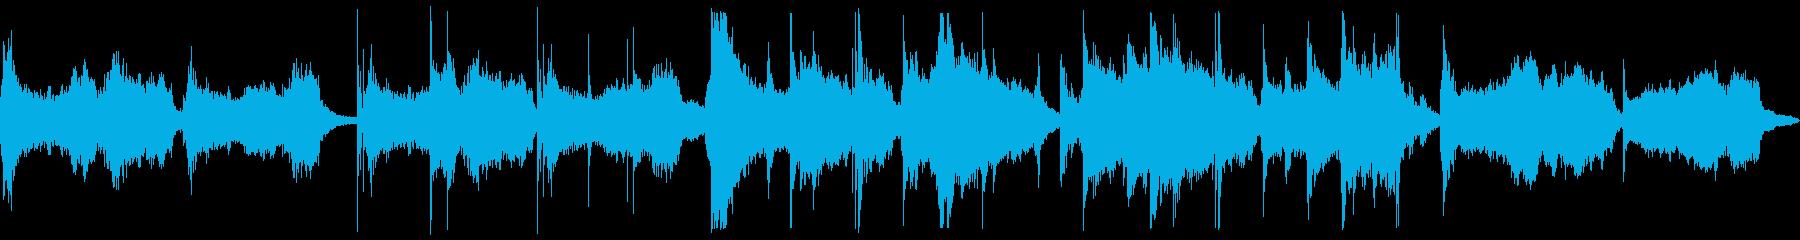 【ループ版】和風 オーケストラ・琴の再生済みの波形